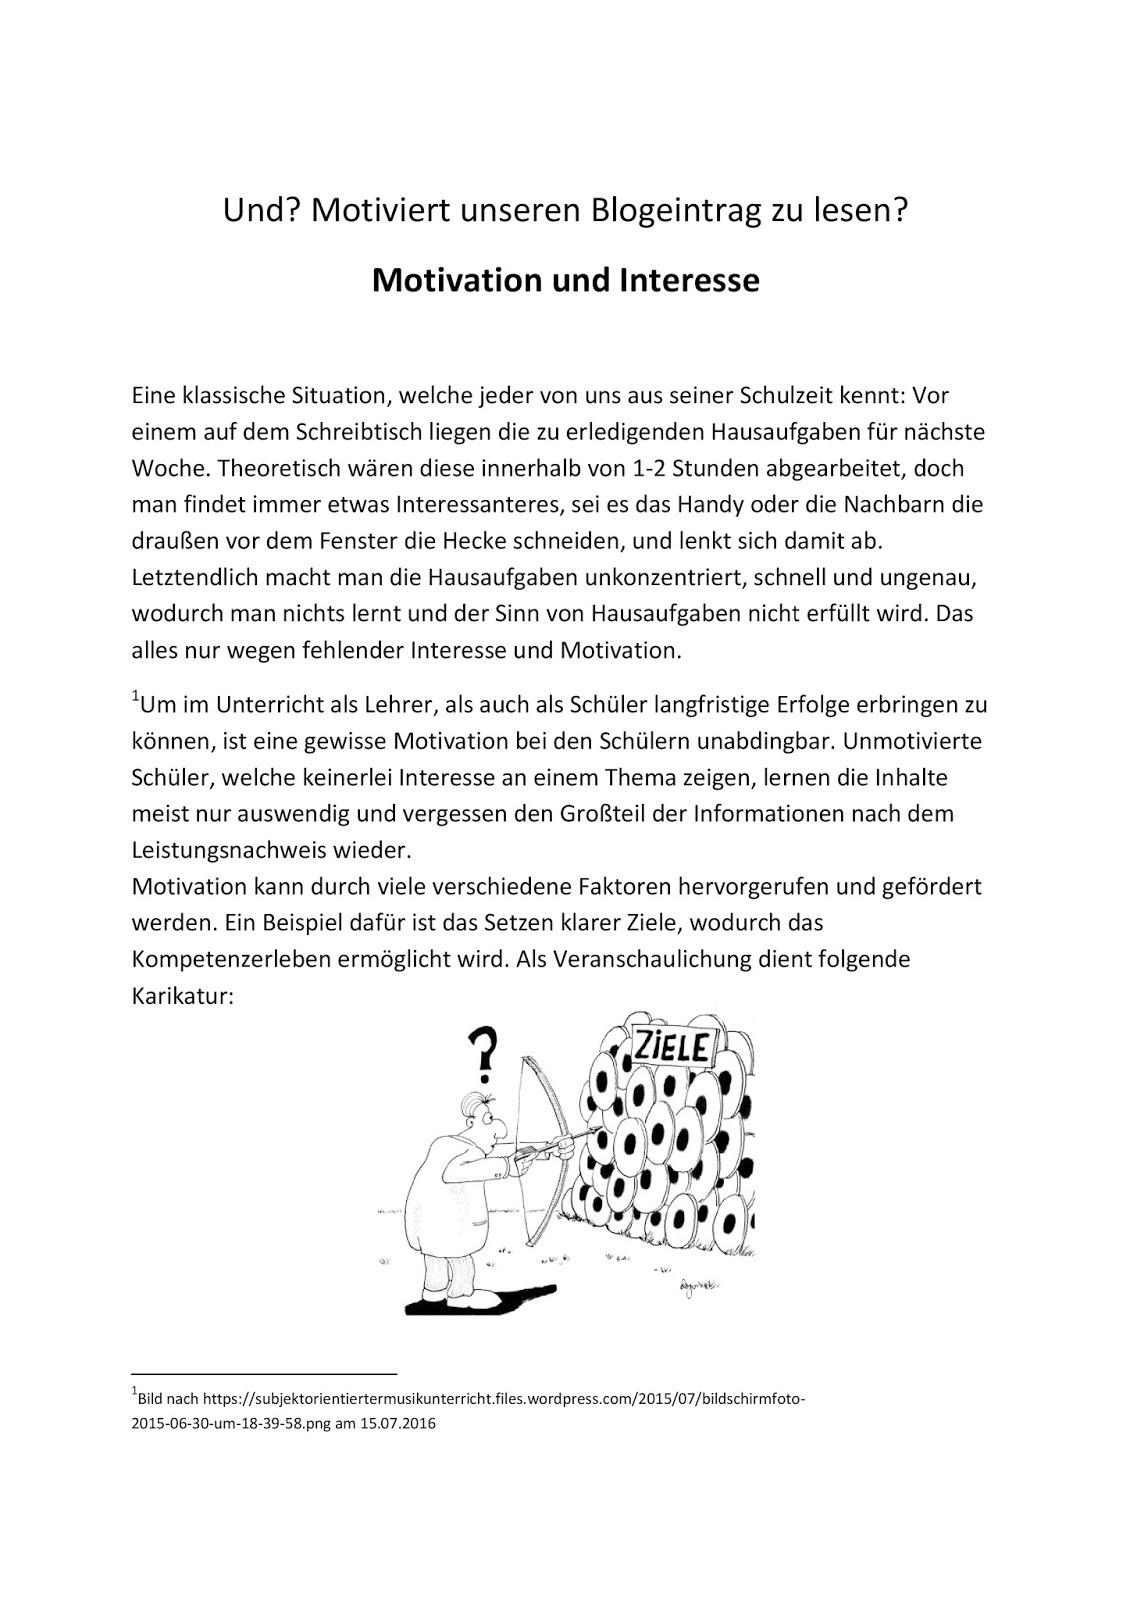 Einführung in die Fachdidaktik: Motivation und Interesse im Unterricht